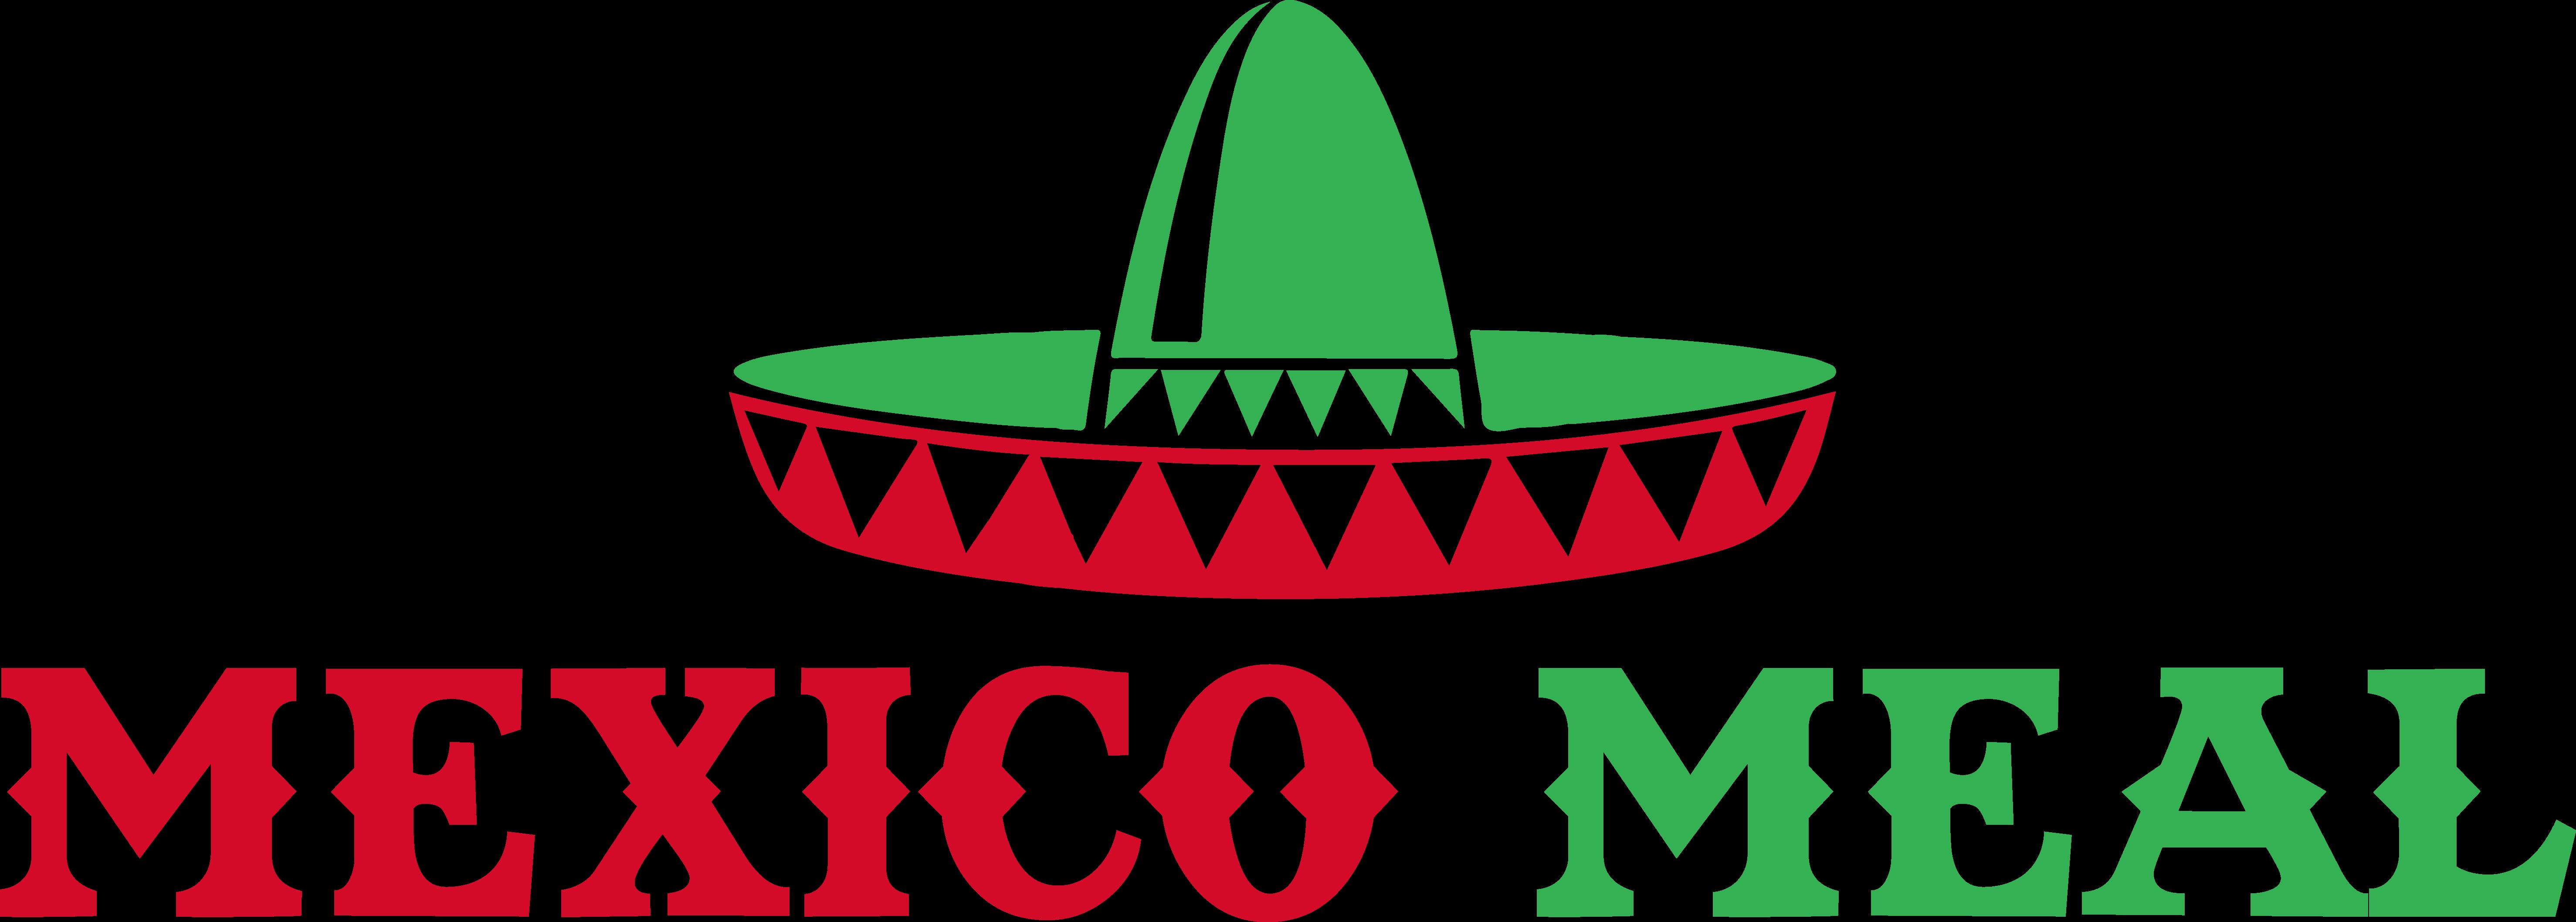 mexicomeal.com